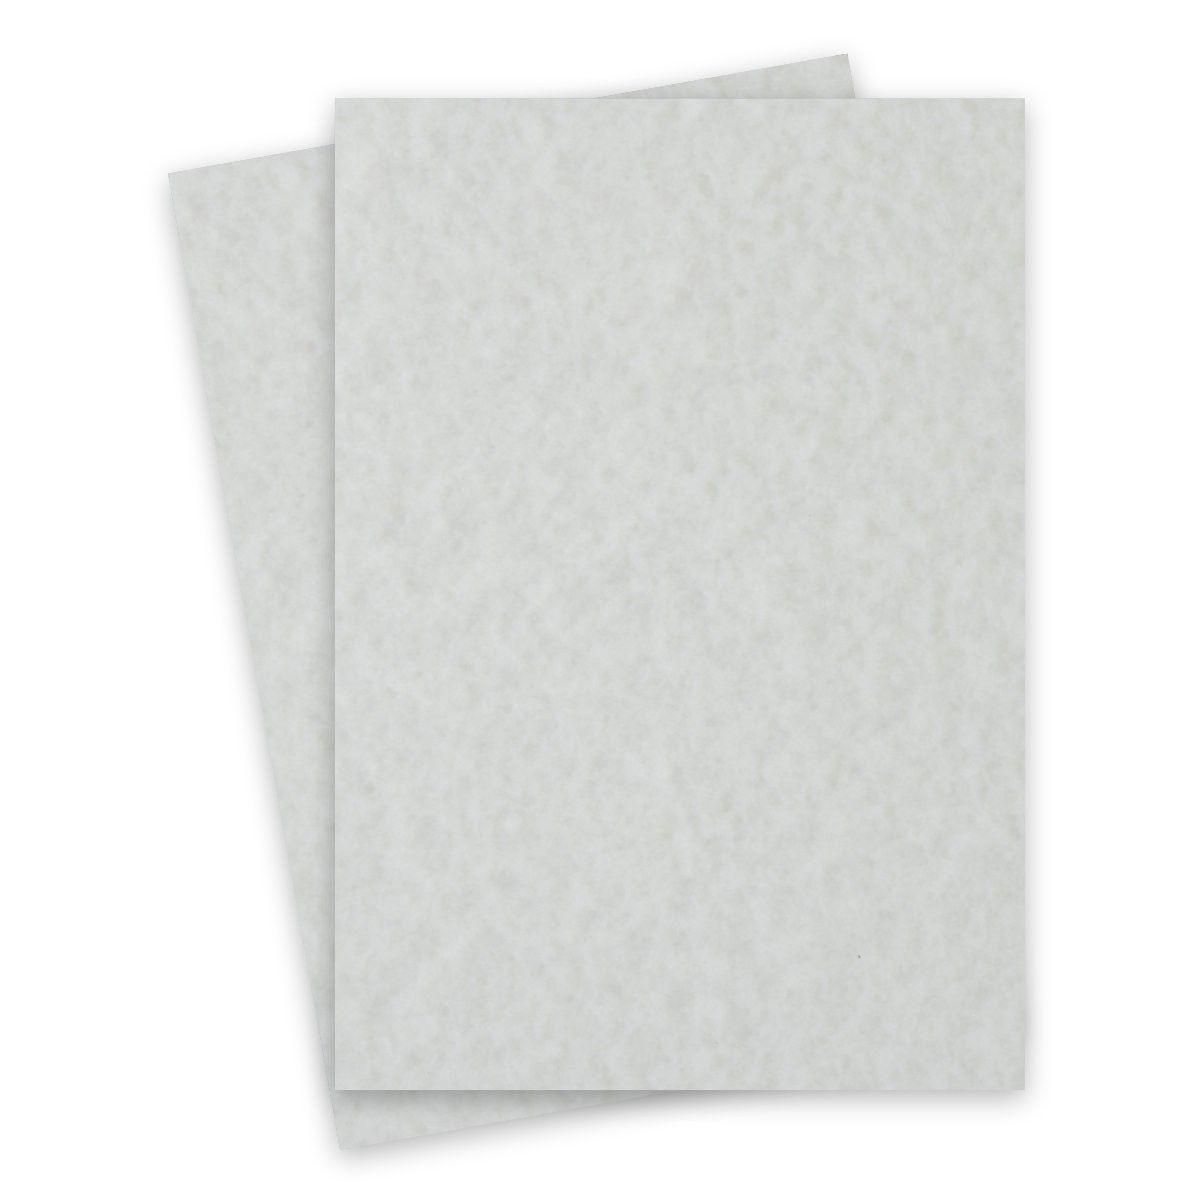 Parchtone Natural 8 5 X 14 Parchment Card Stock 80lb Cover 200 Pk In 2021 Parchment Cards Paper Card Stock